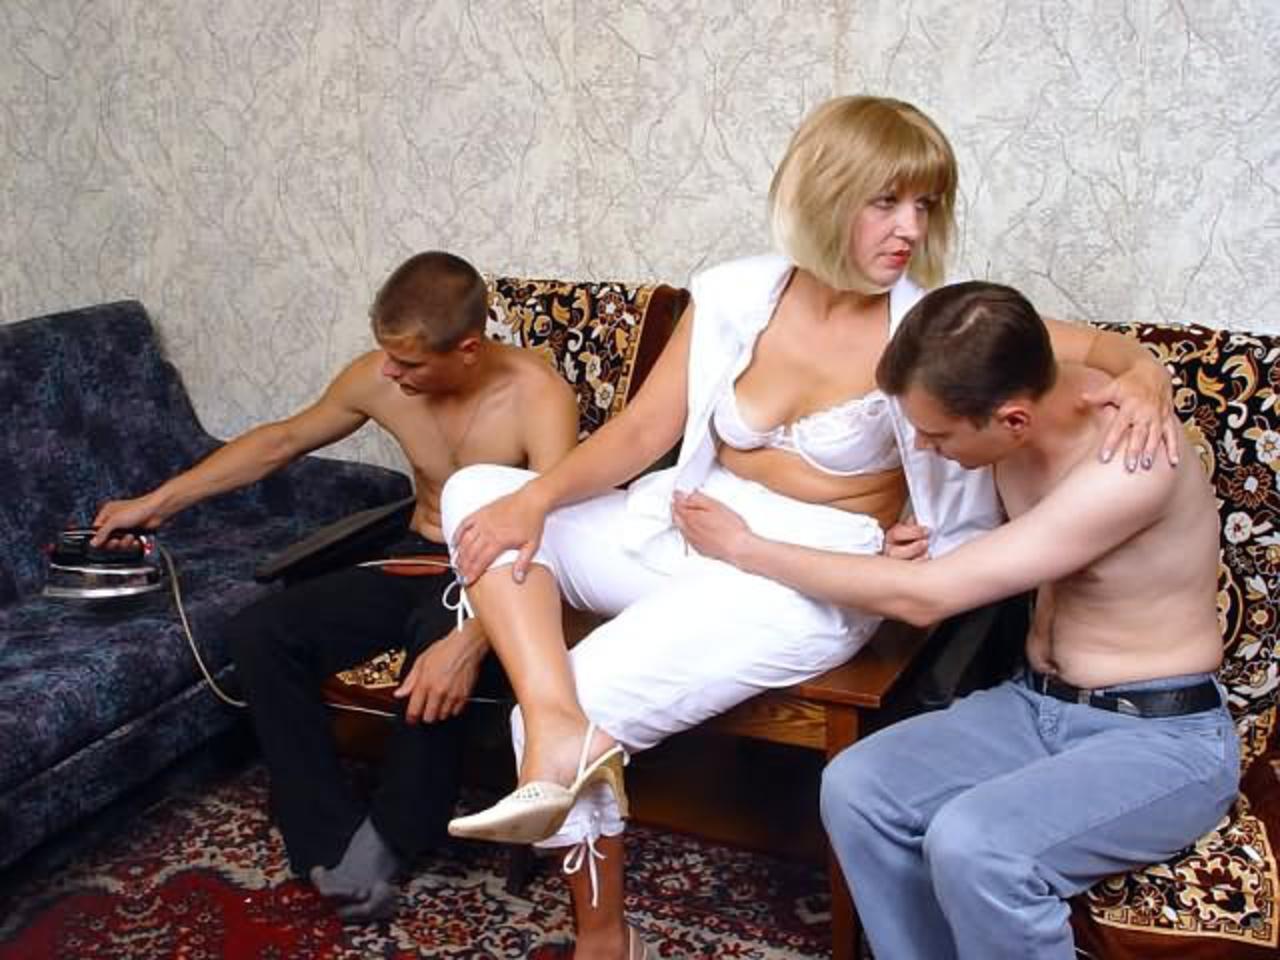 Тётка соблазнила пацана, Зрелая пышная тётка соблазнила молодого парня на 10 фотография